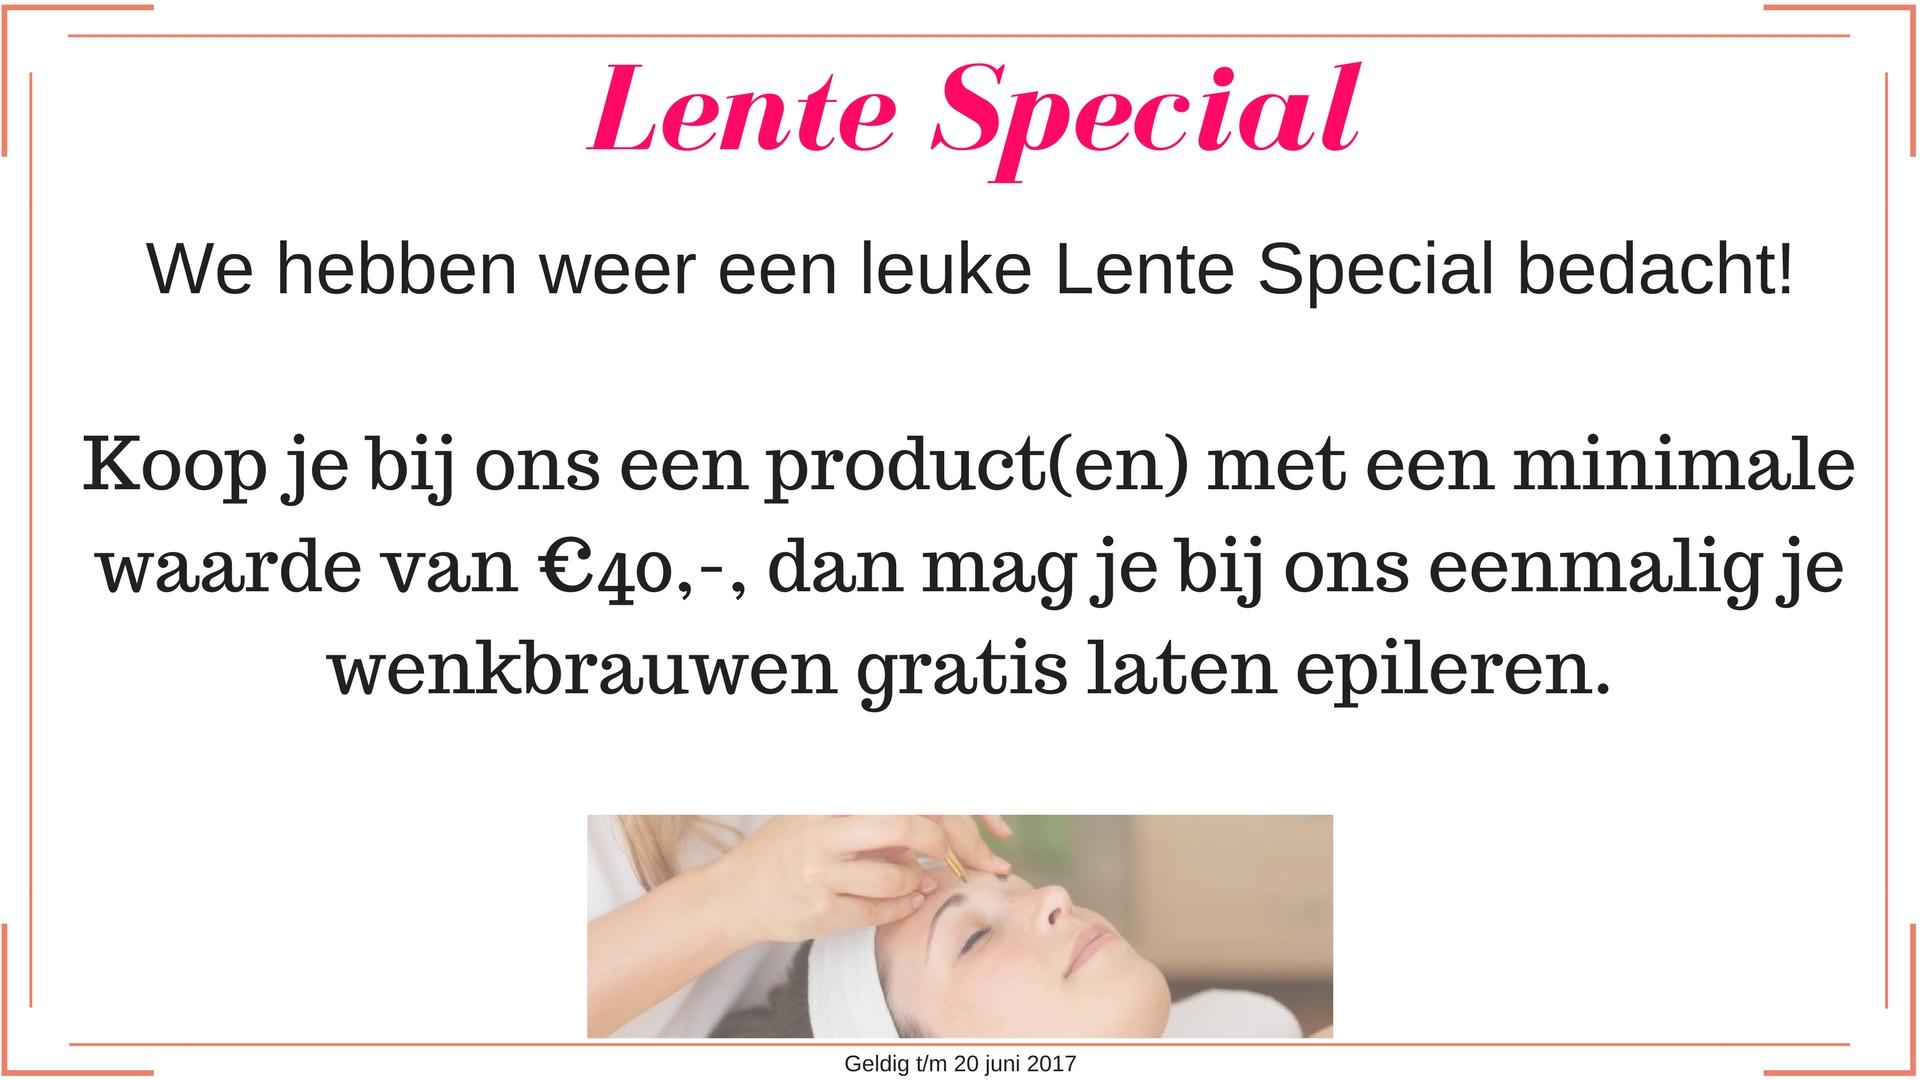 Lente Special